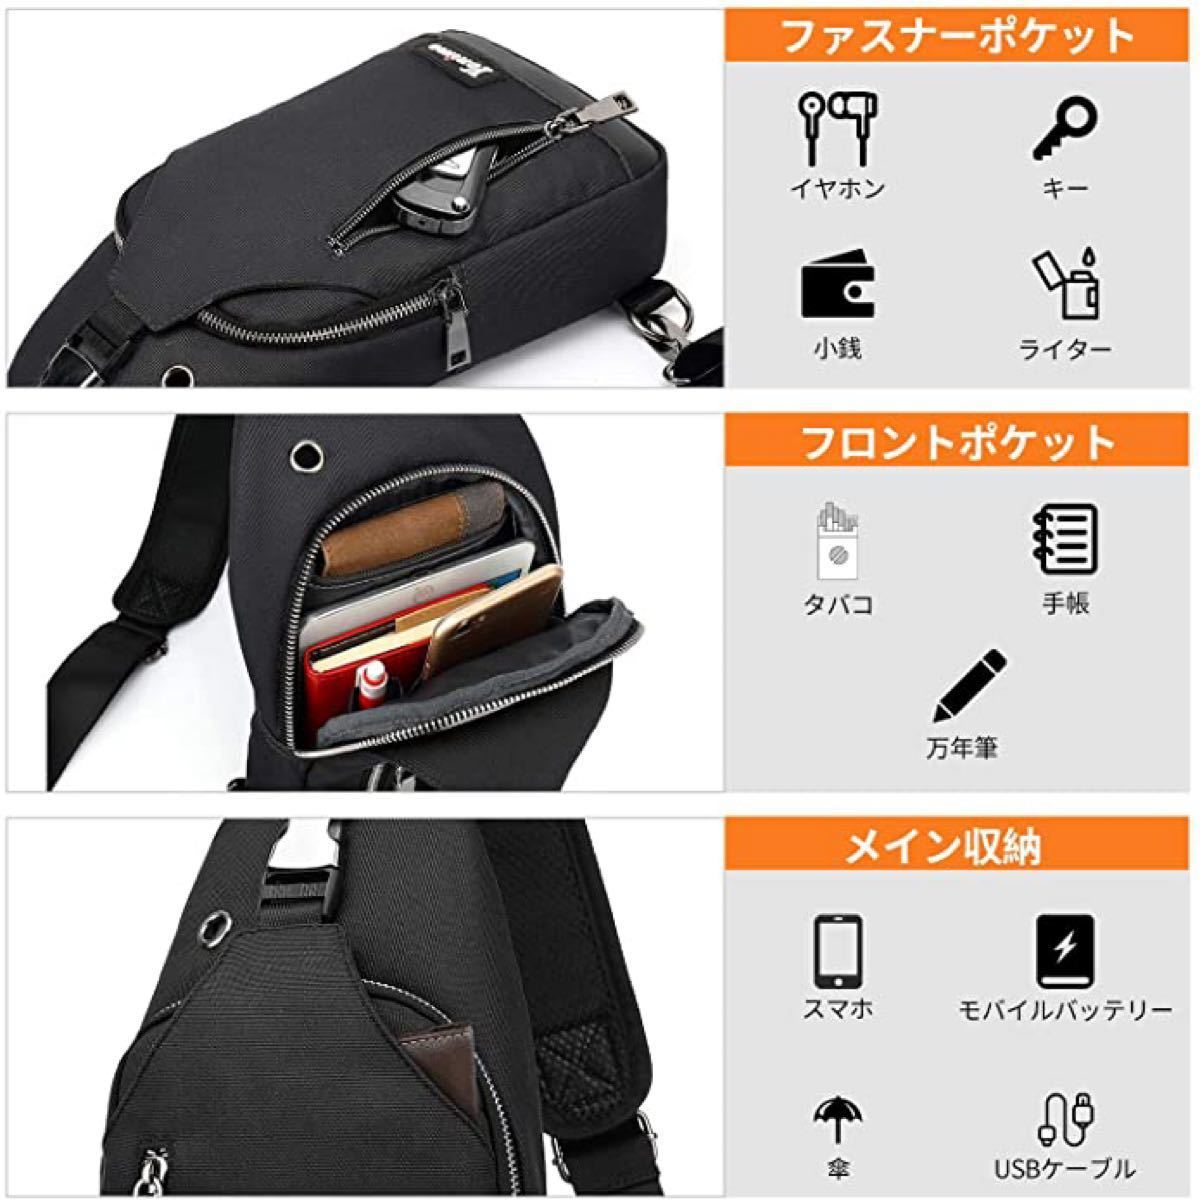 ボディバッグ ワンショルダーバッグ 斜めがけ メンズ  ブラック 防水 左右付け替え可能 旅行 通勤 通学 バッグ バック 肩かけ